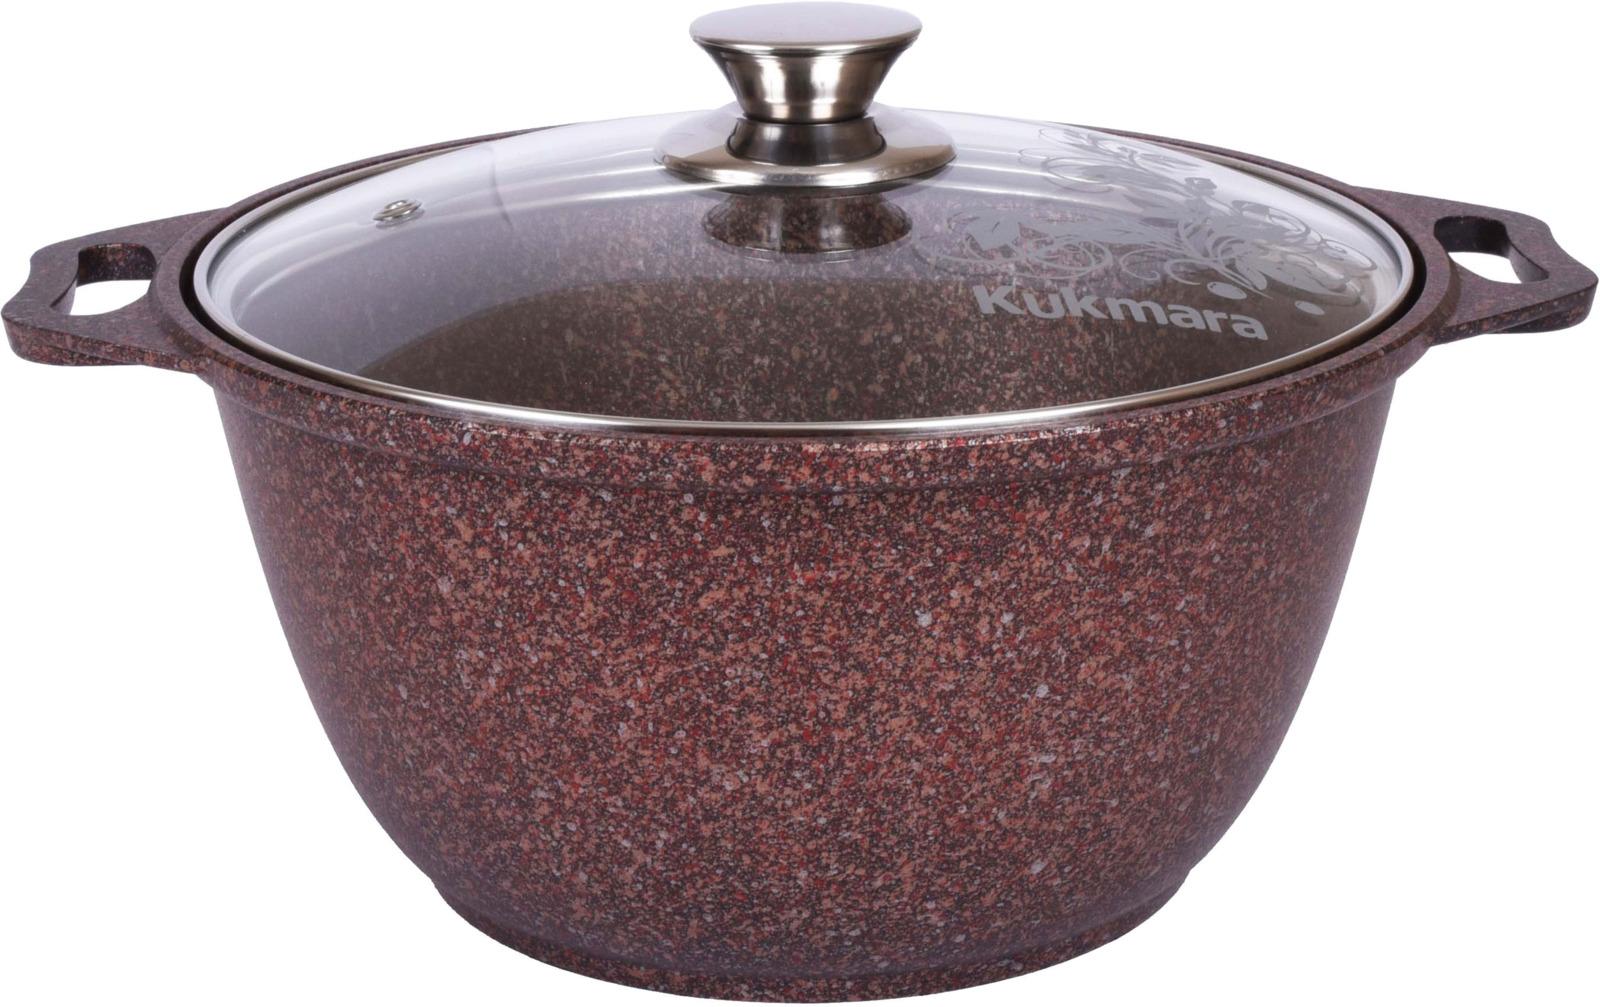 Кастрюля Kukmara Granit ultra, с мраморным антипригарным покрытием, с крышкой, цвет: коричнево-красный, 3 л кастрюля kukmara с крышкой с антипригарным покрытием цвет темный мрамор 3 л